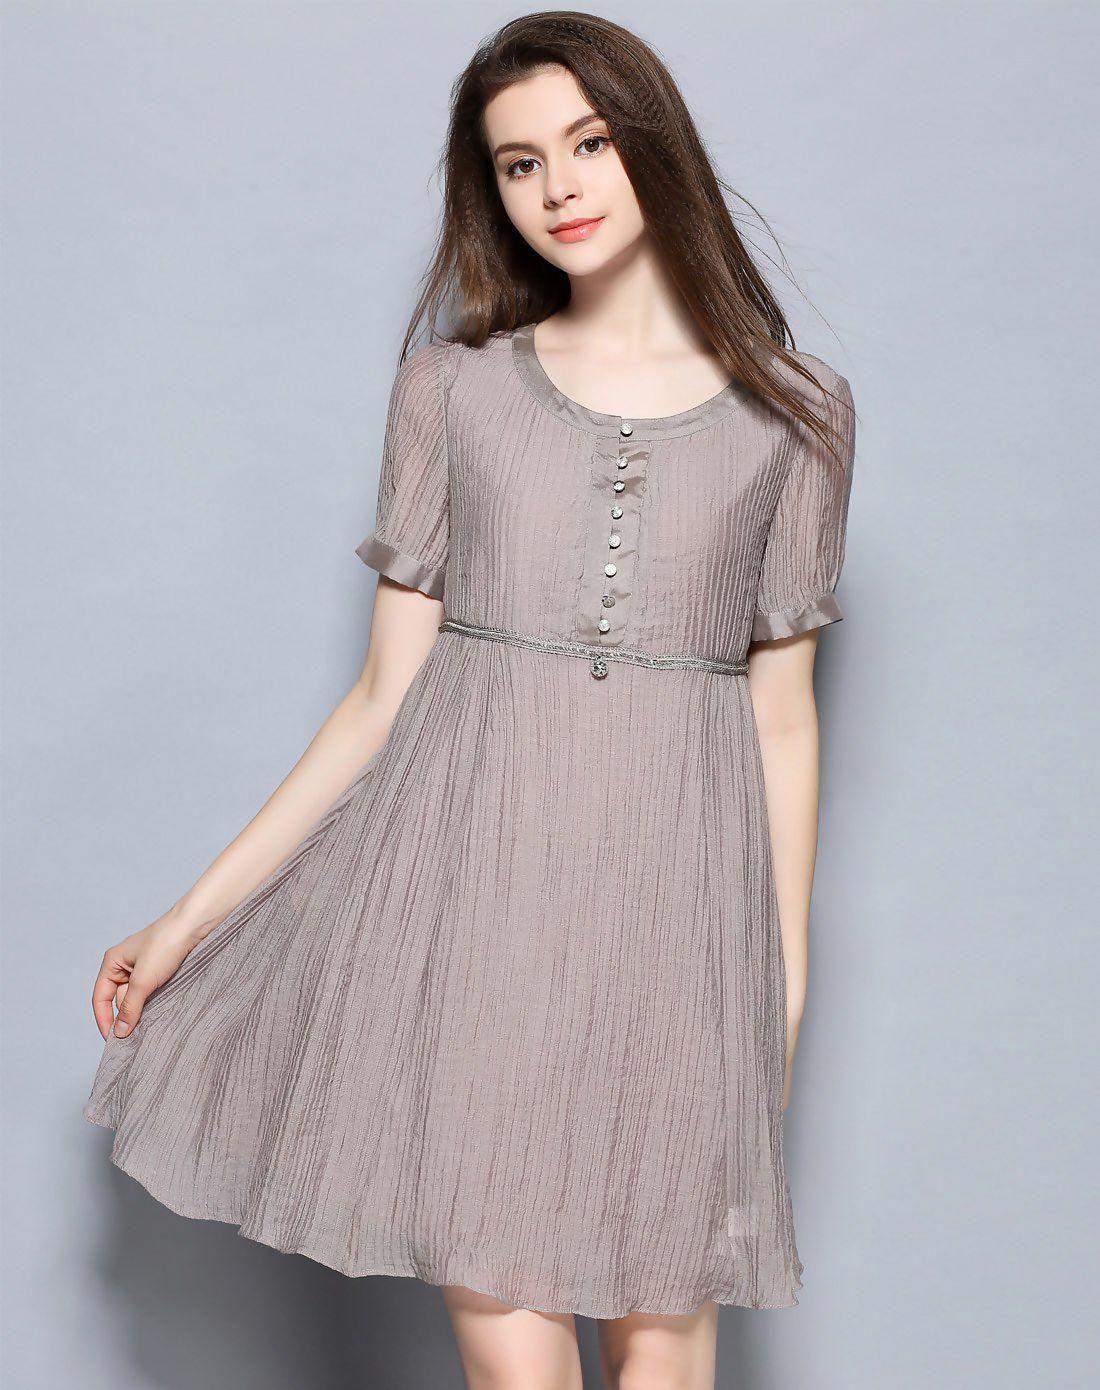 b08fce3d68234 Coffee Round Neck Short Sleeve Short Women's A Line Dress